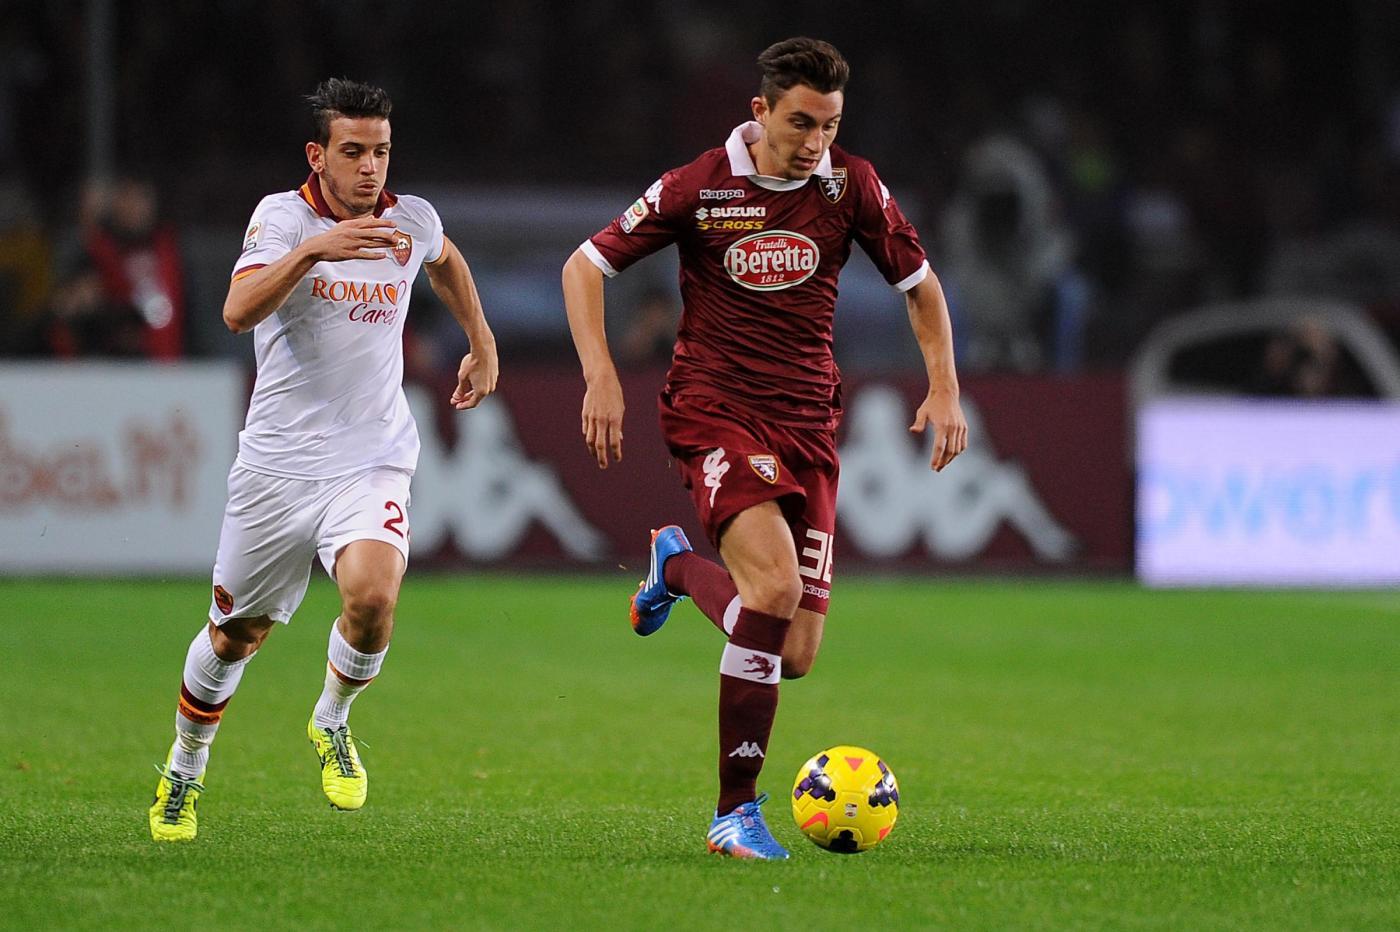 Matteo Darmian (24) è da due anni al Torino. Quest'anno ha totalizzato 30 presenze e 3 assist.